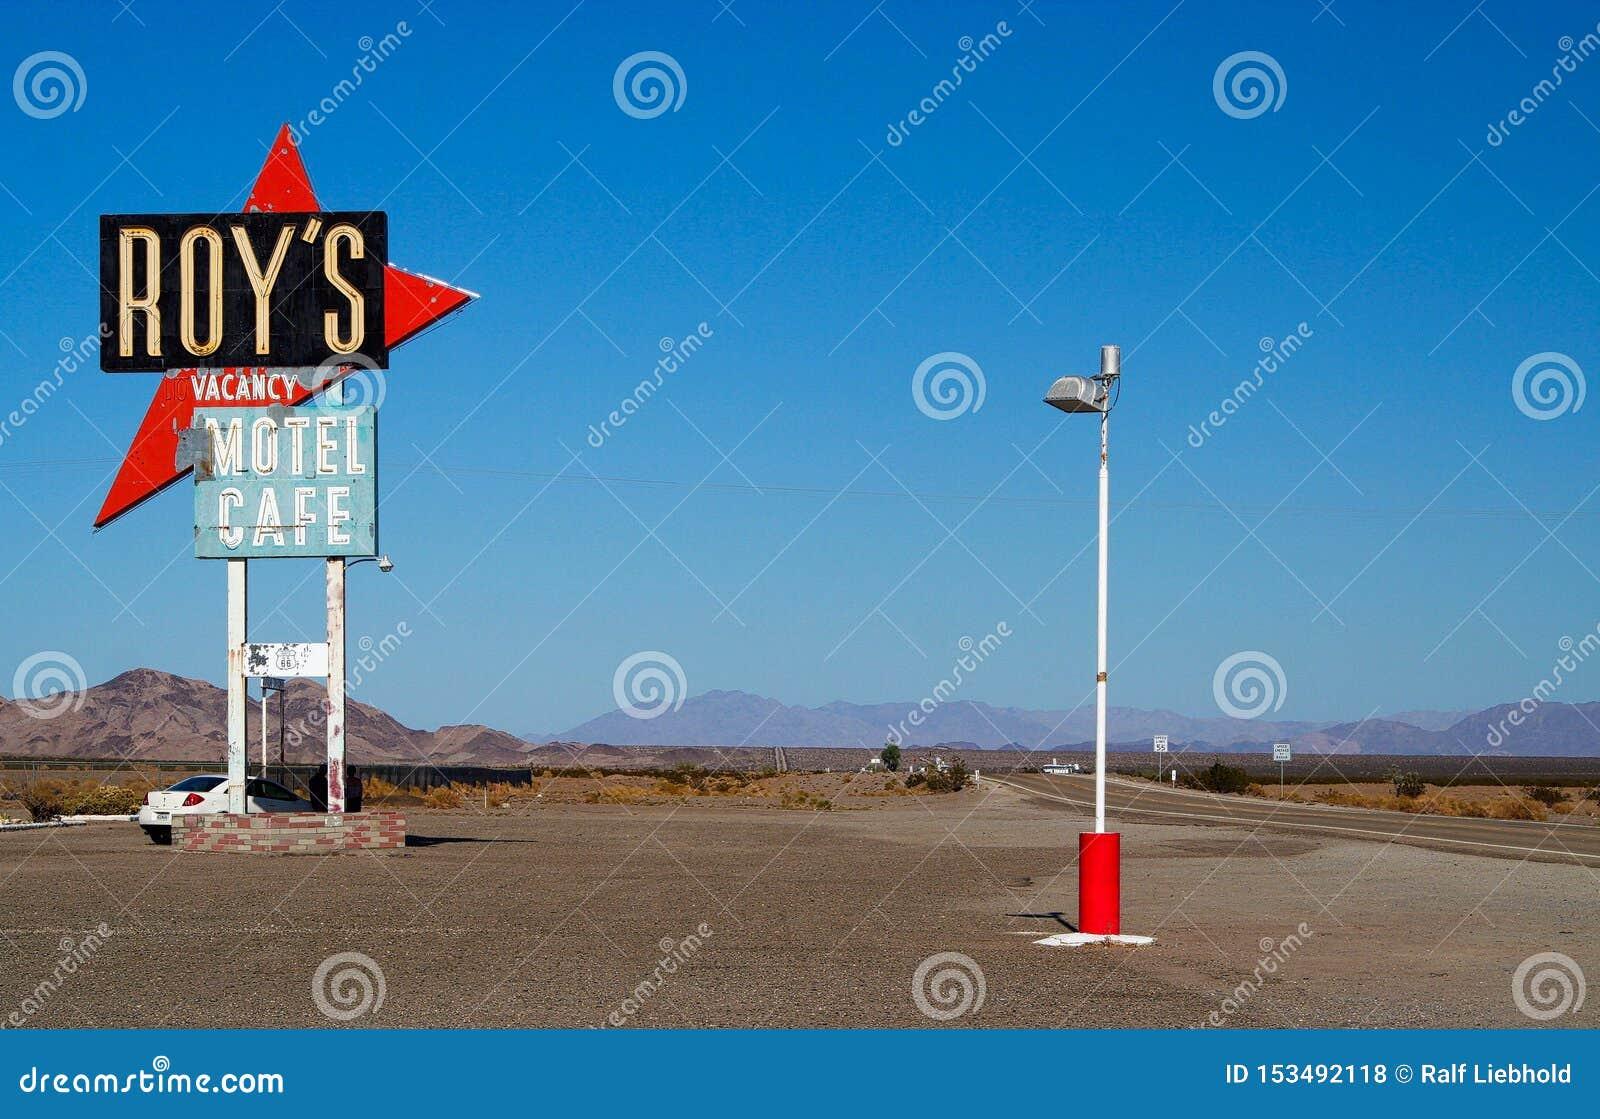 AMBOY KALIFORNIA, usa - SIERPIEŃ 8 2009: Odosobniony znak Roy kawiarnia przeciw niebieskiemu niebu przy Route 66 z pasmem górskim